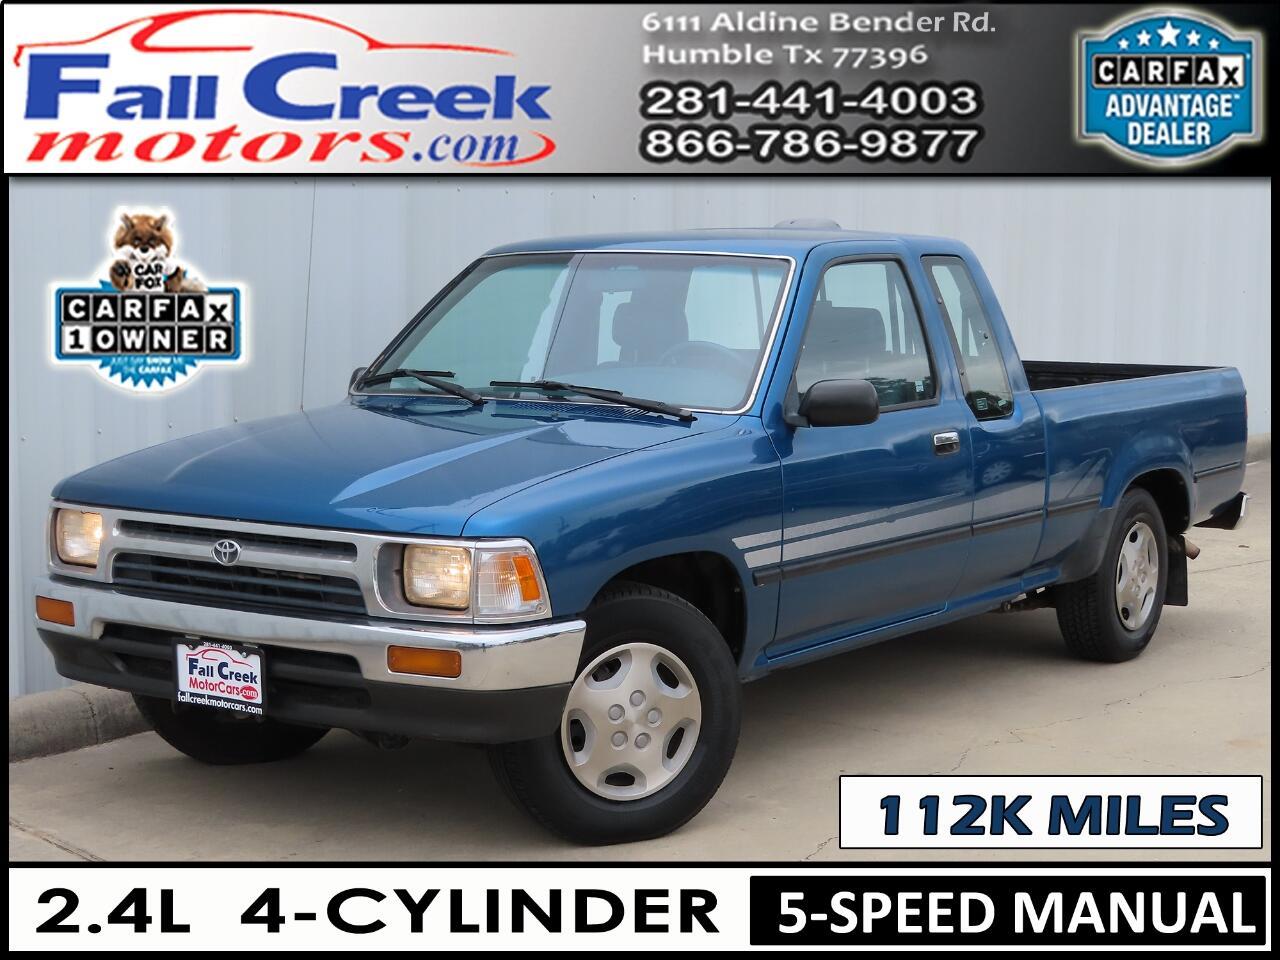 1994 Toyota Pickup DLX Xtracab 2WD